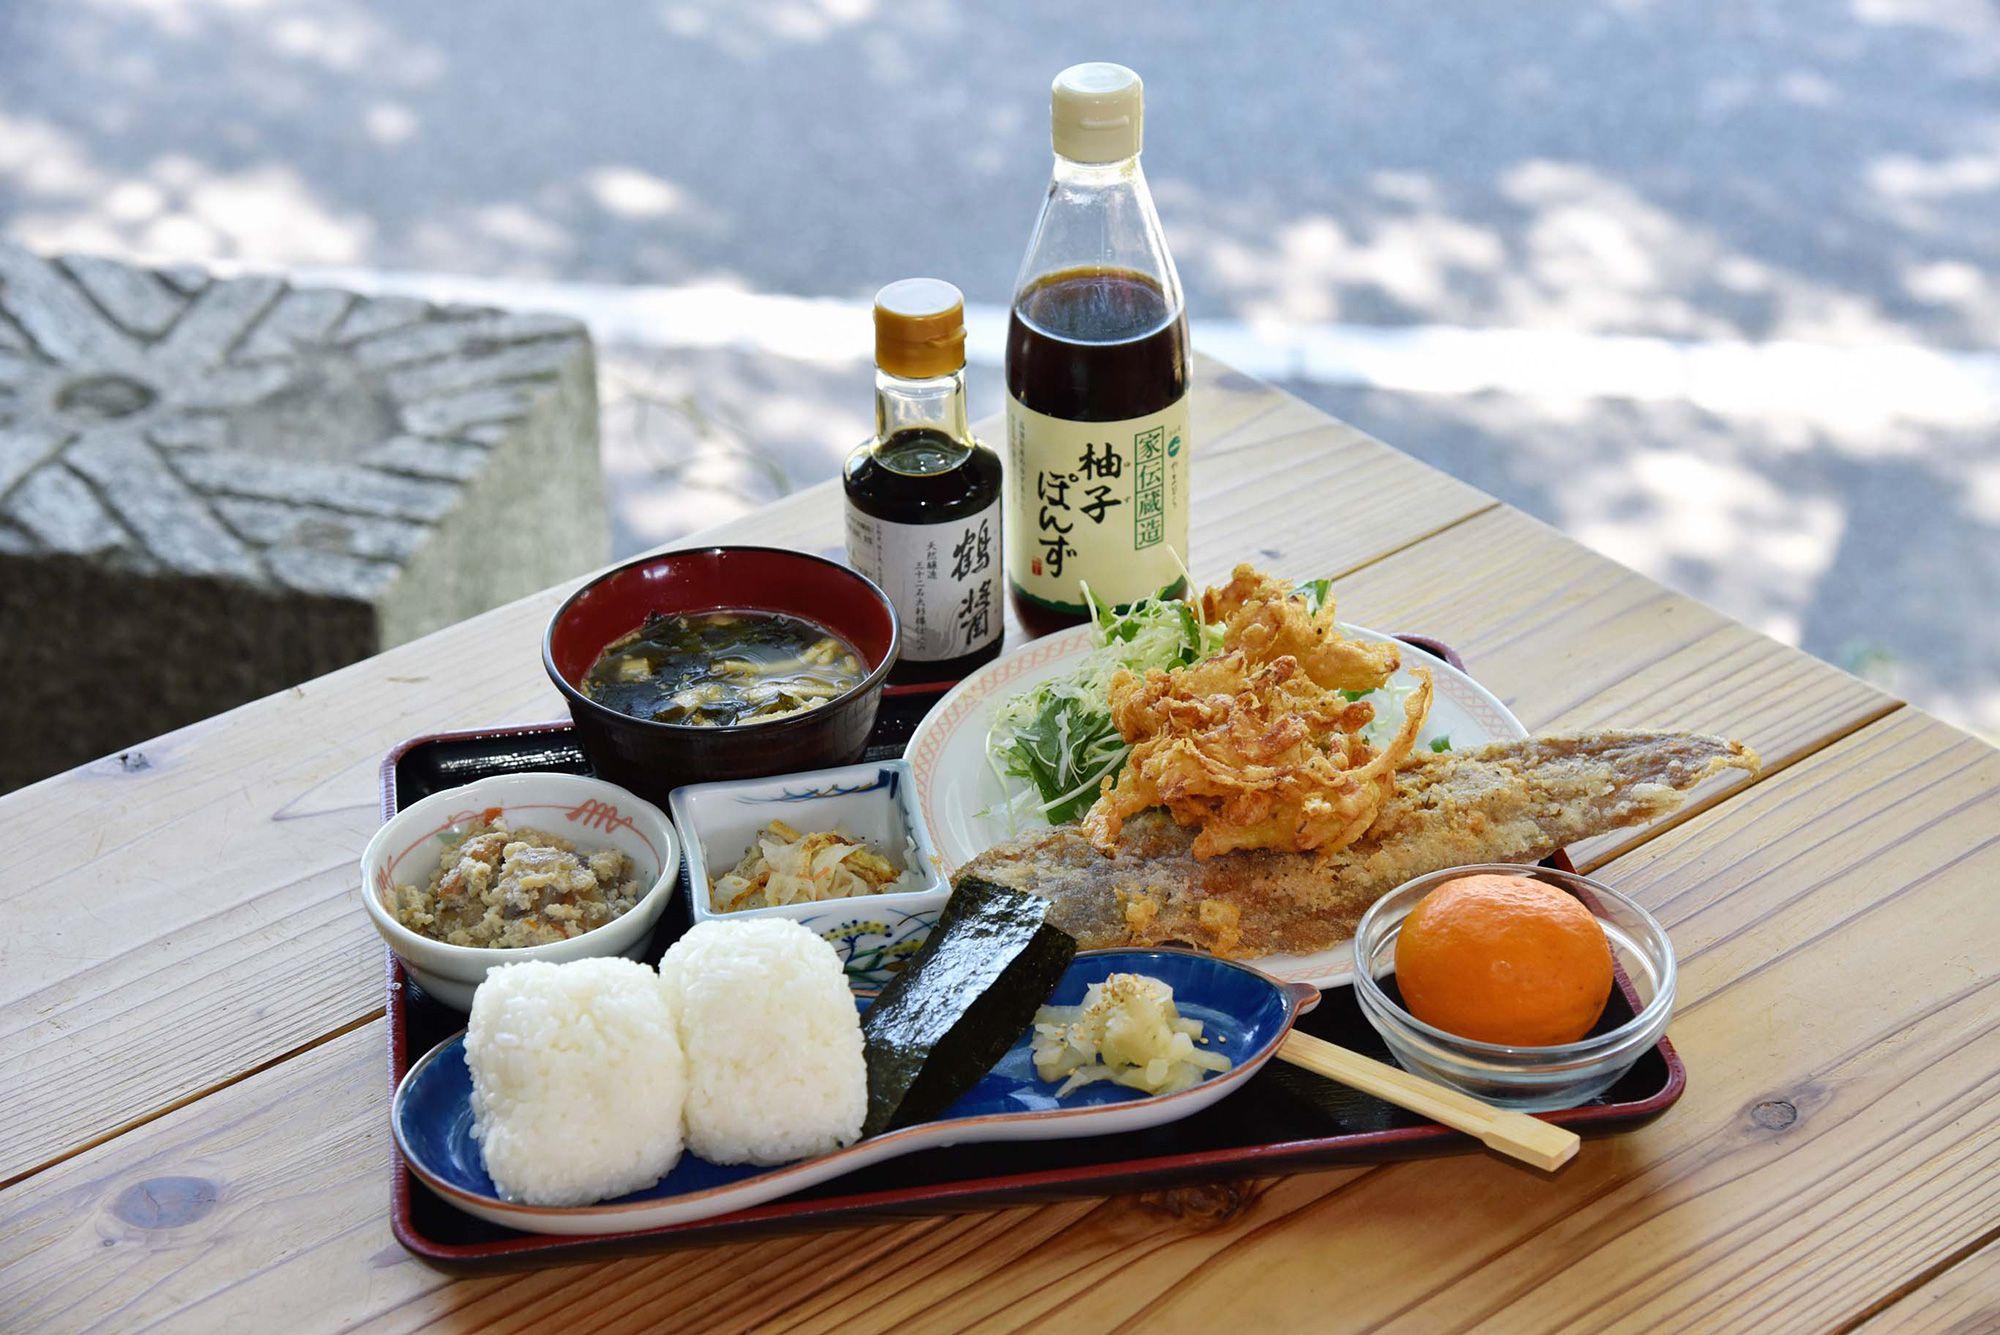 名物メニューの「棚田のおにぎり定食」。これを目当てに訪れる人も多い。醤油は小豆島産のヤマロク醤油のものだ。